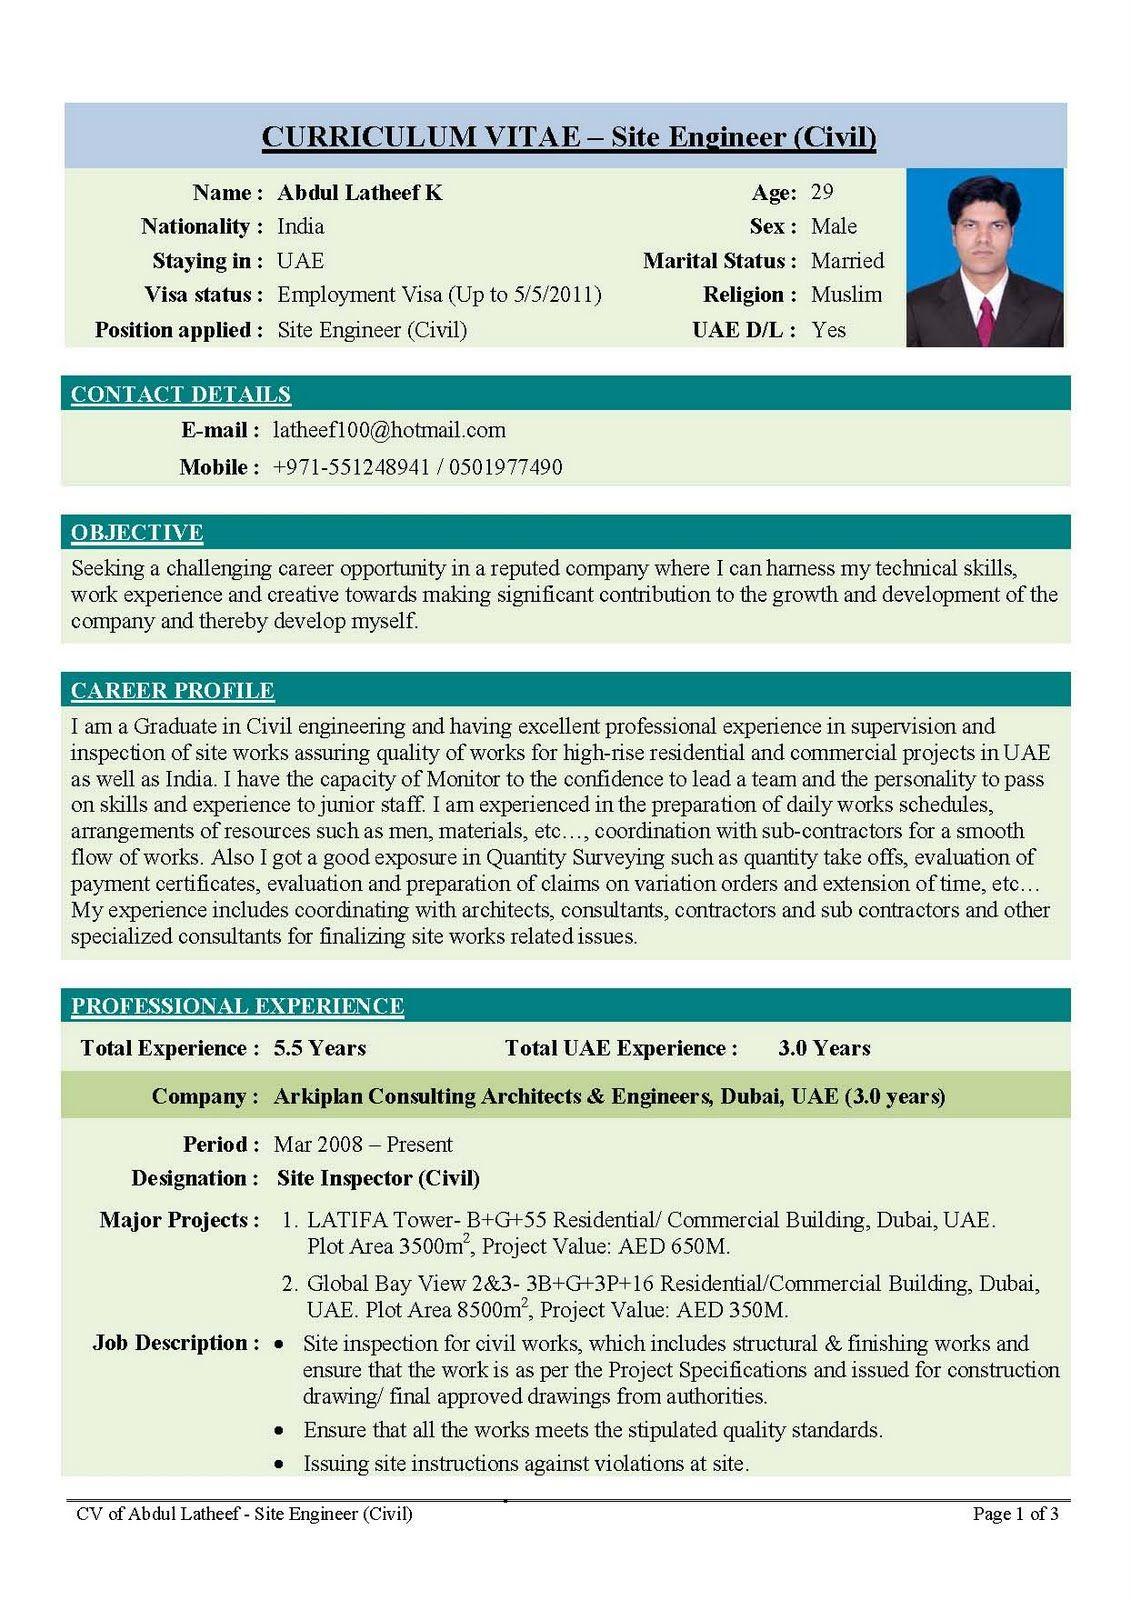 Civil Engineer Cv Site Enginee 55 Yrs Exp Best resume